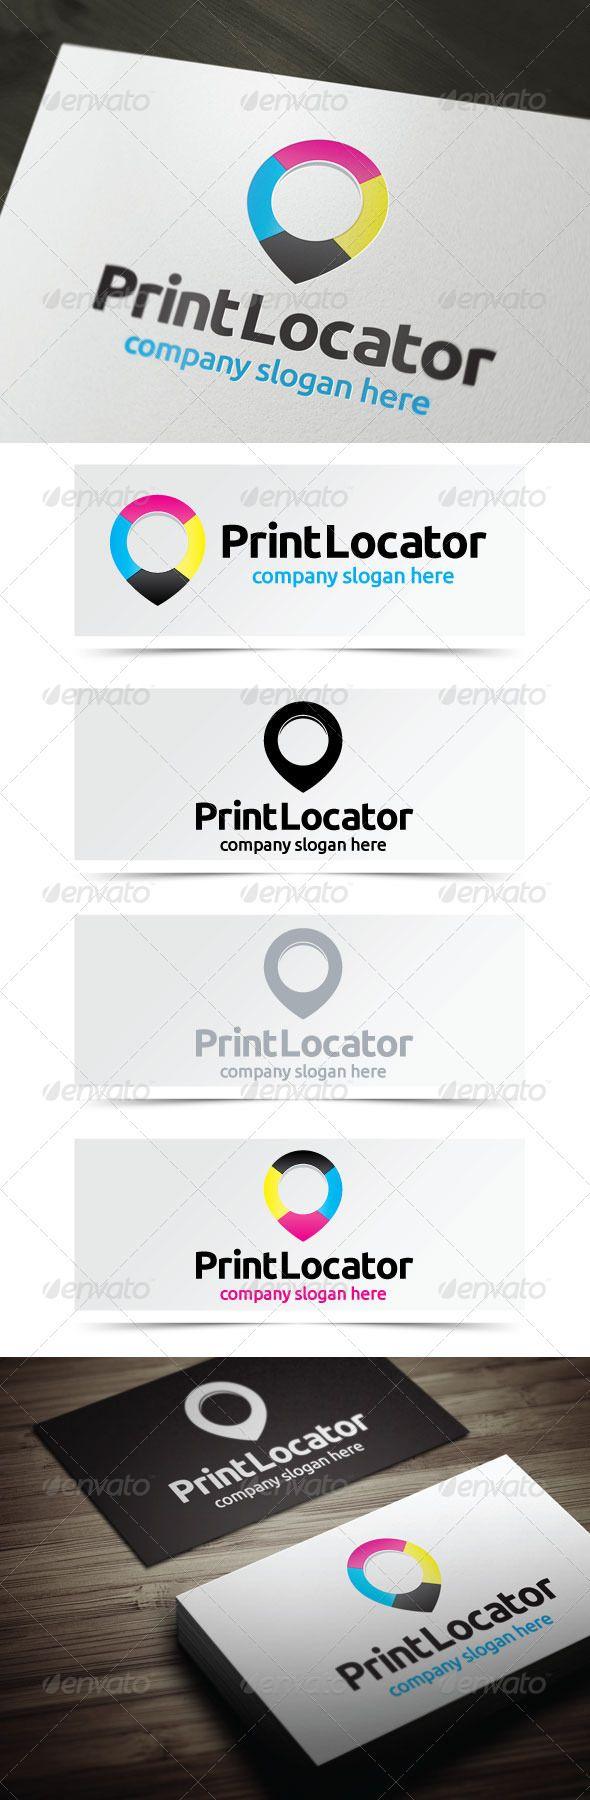 Print Locator Logo templates, Vector logo, Logo design